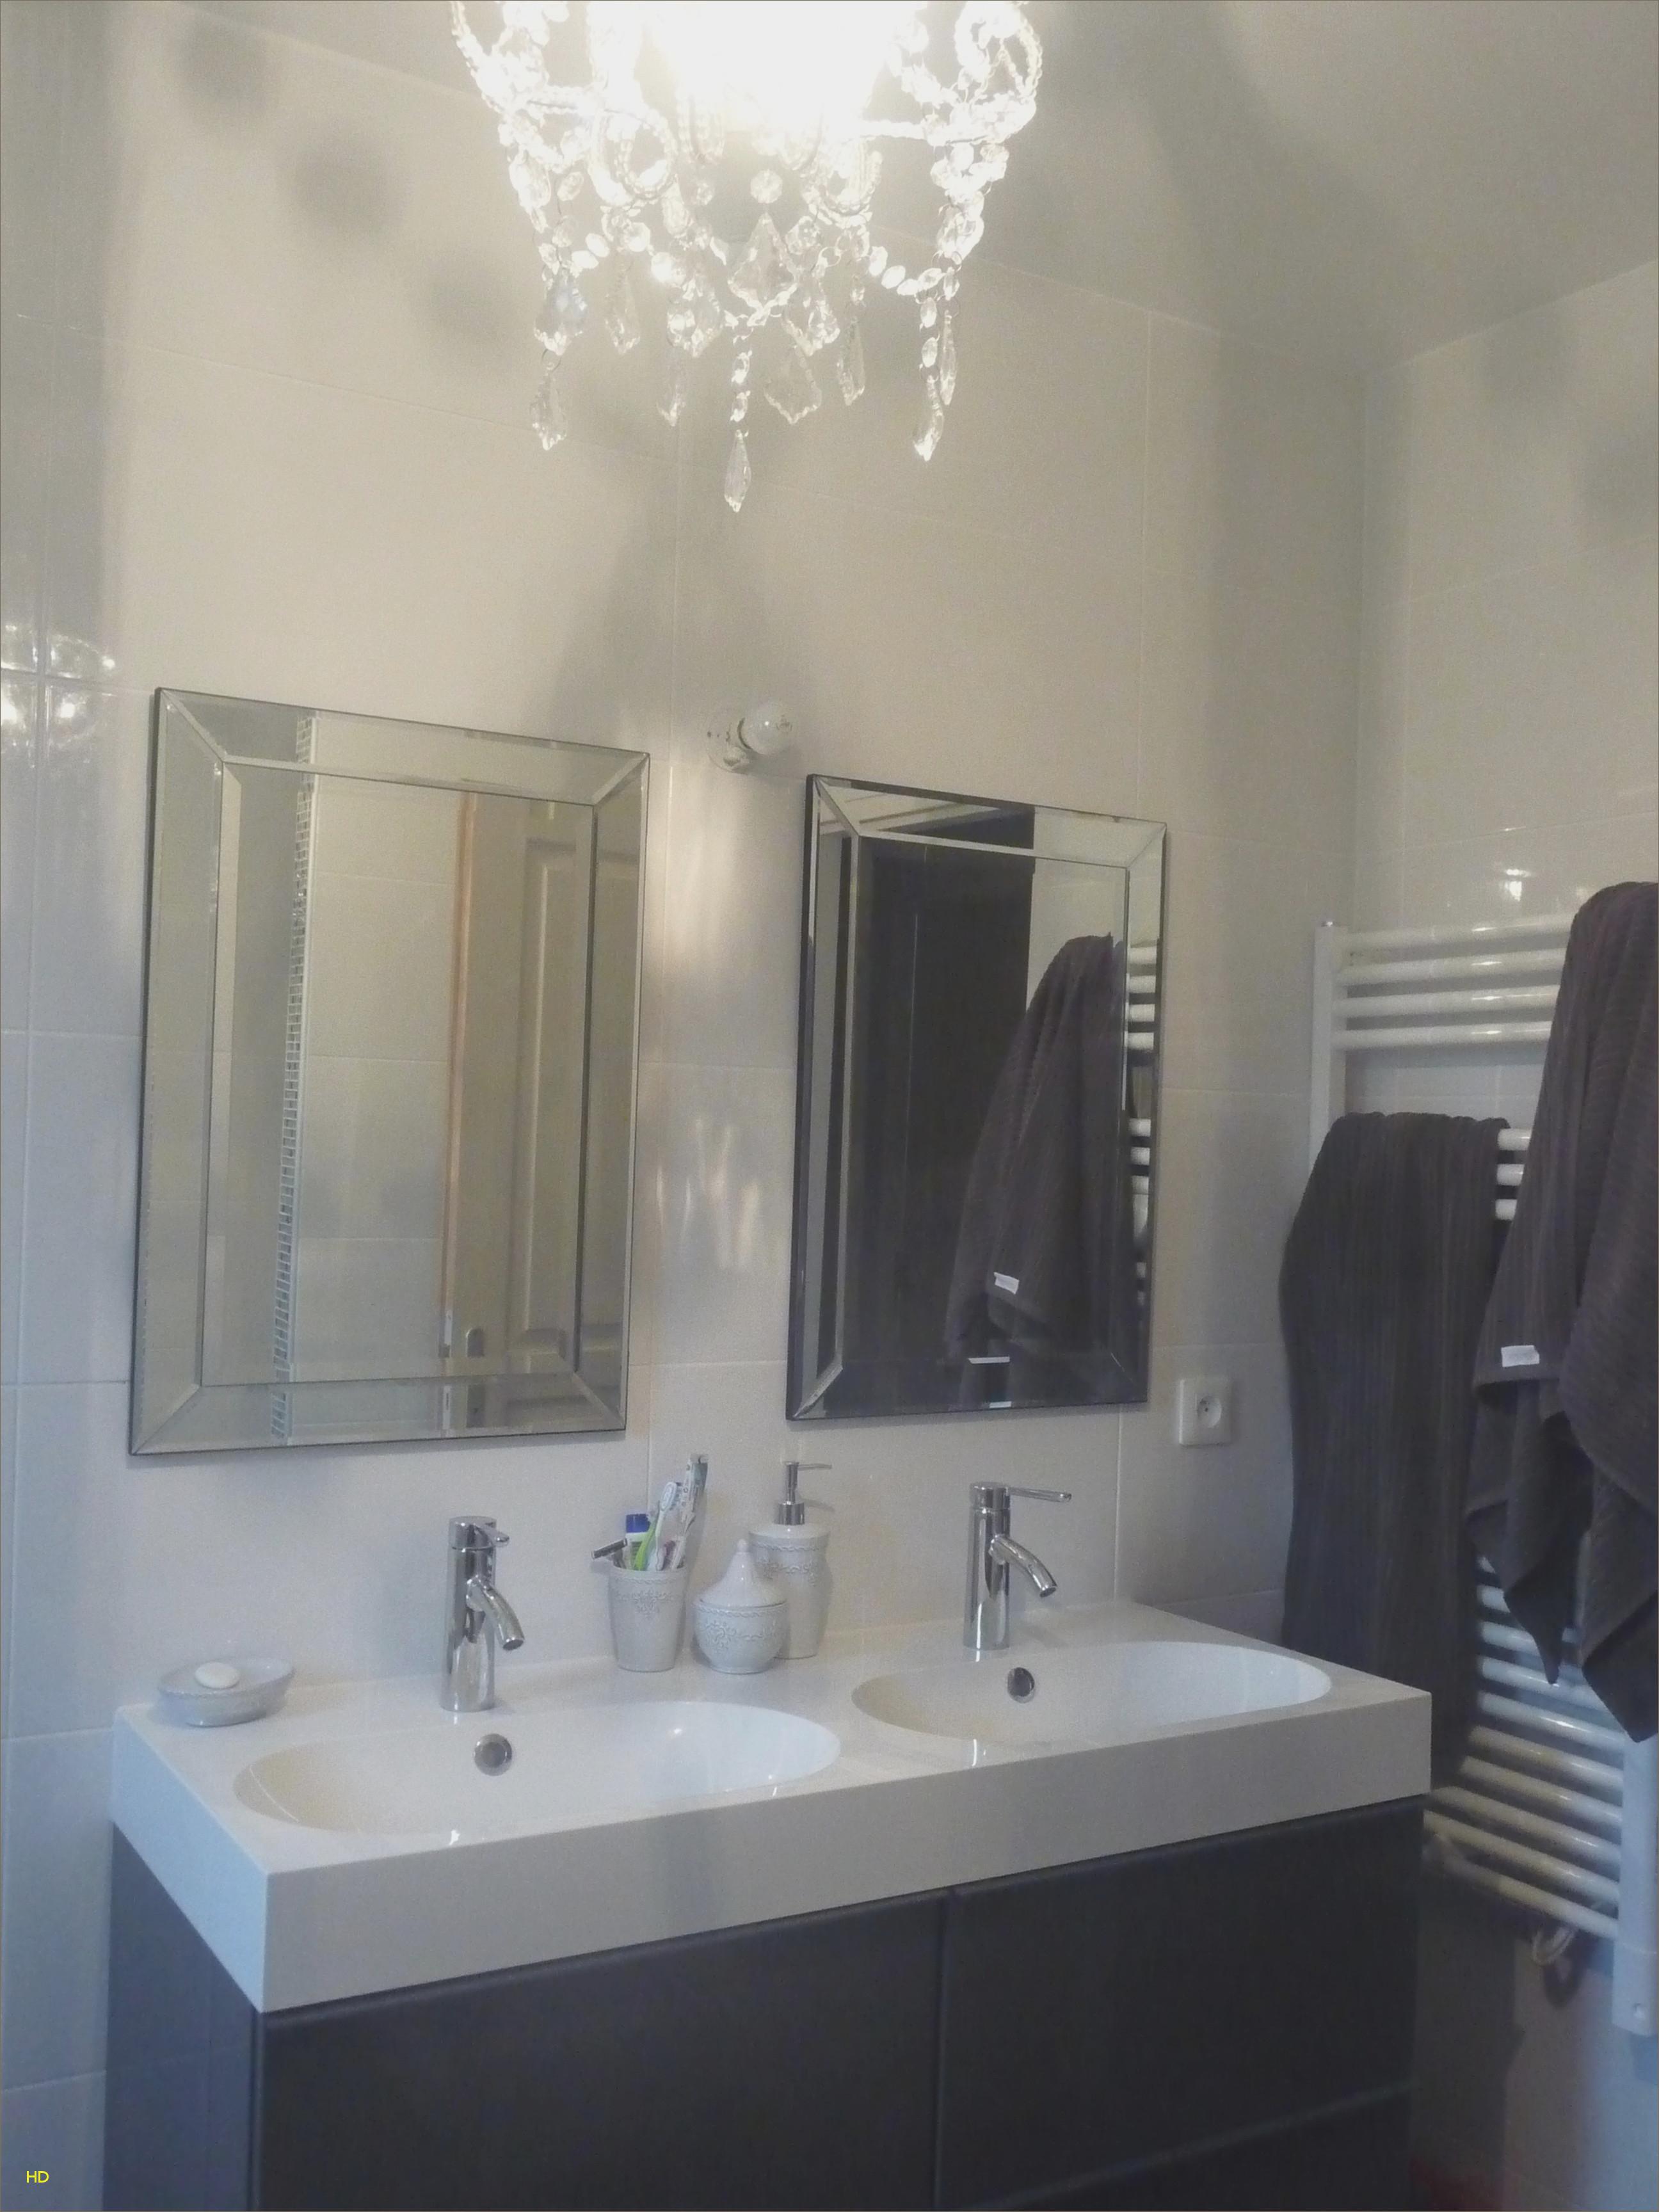 Applique Salle De Bain Avec Interrupteur Ikea Meilleur De Photos Armoire Miroir Salle De Bain but Luxury Miroir Salle De Bain Led